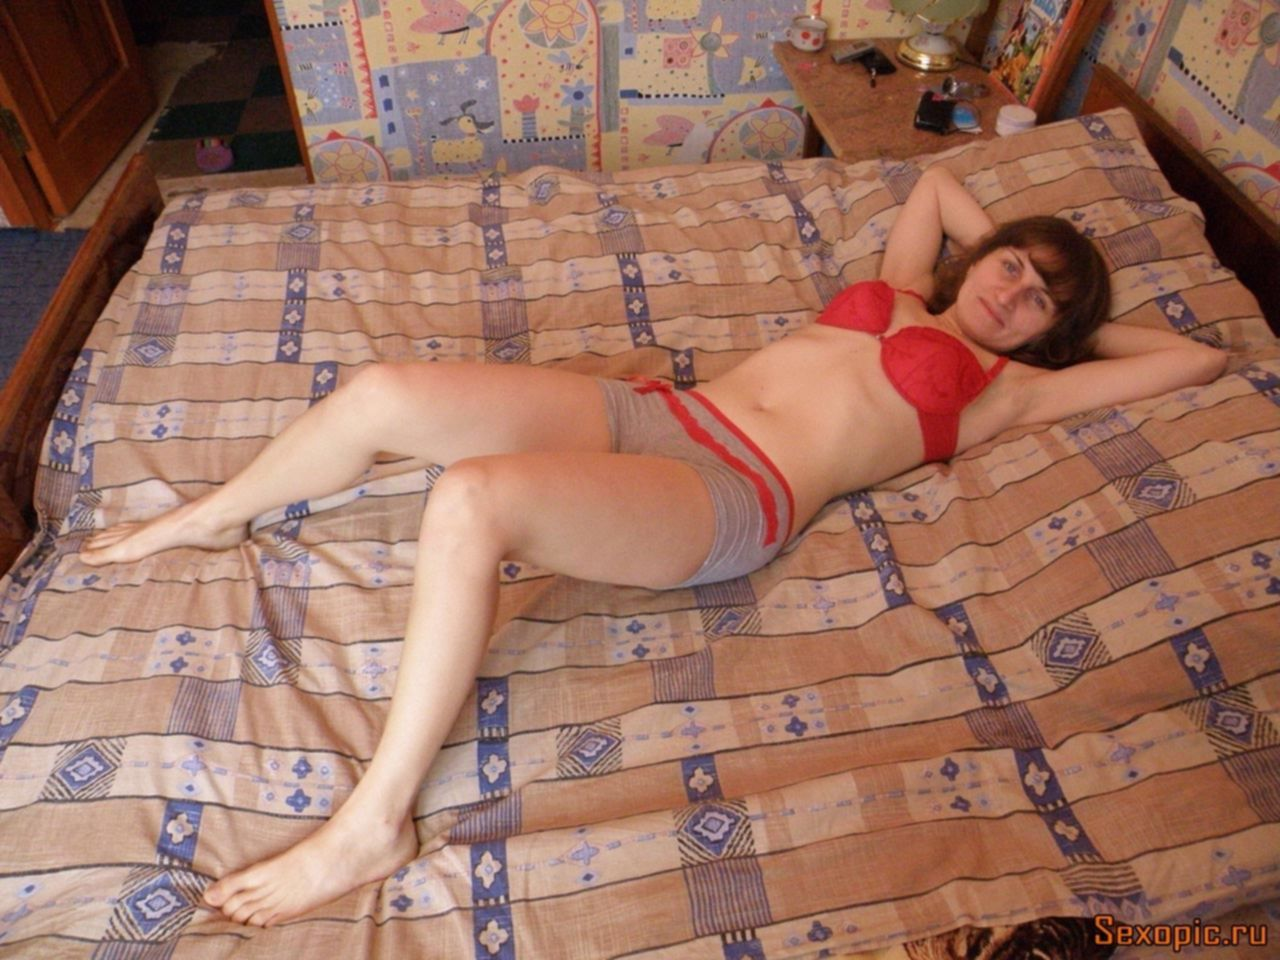 Стройная русская женщина снялась в любительской эротике